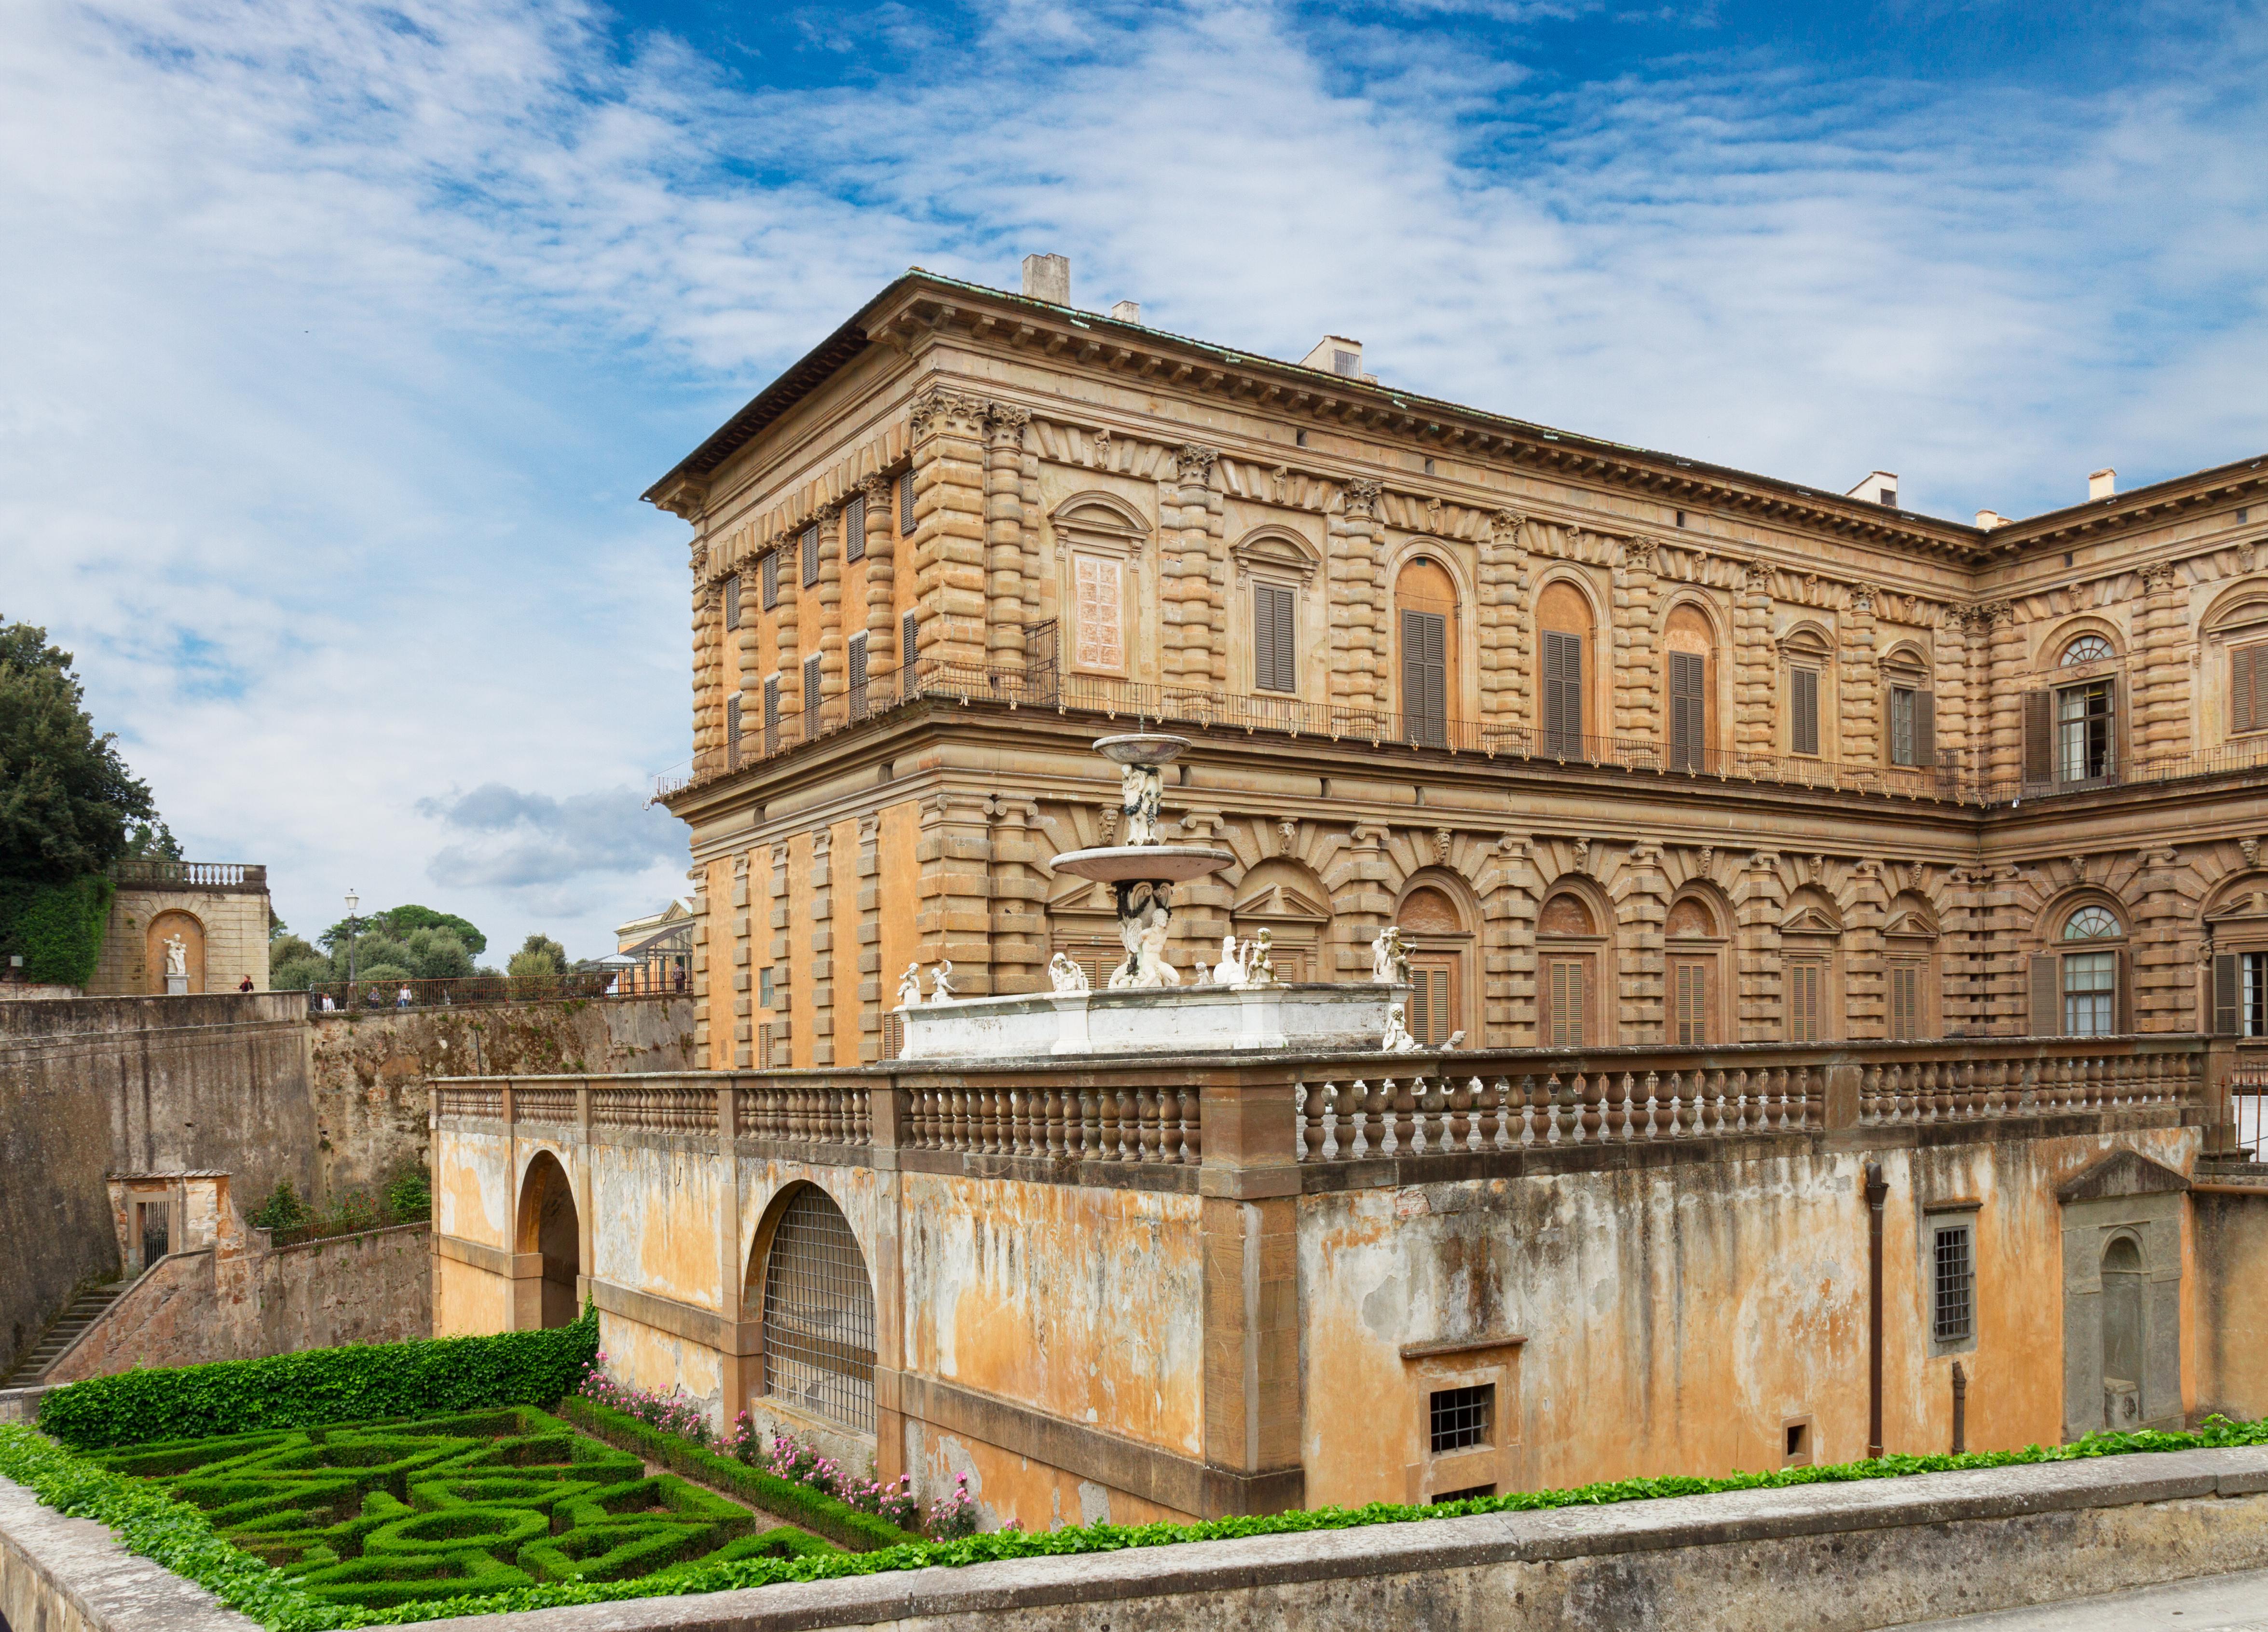 Los jardines Pitti, el pulmón verde de Florencia - Italia Circuito Italia Bella: de Milán a Roma